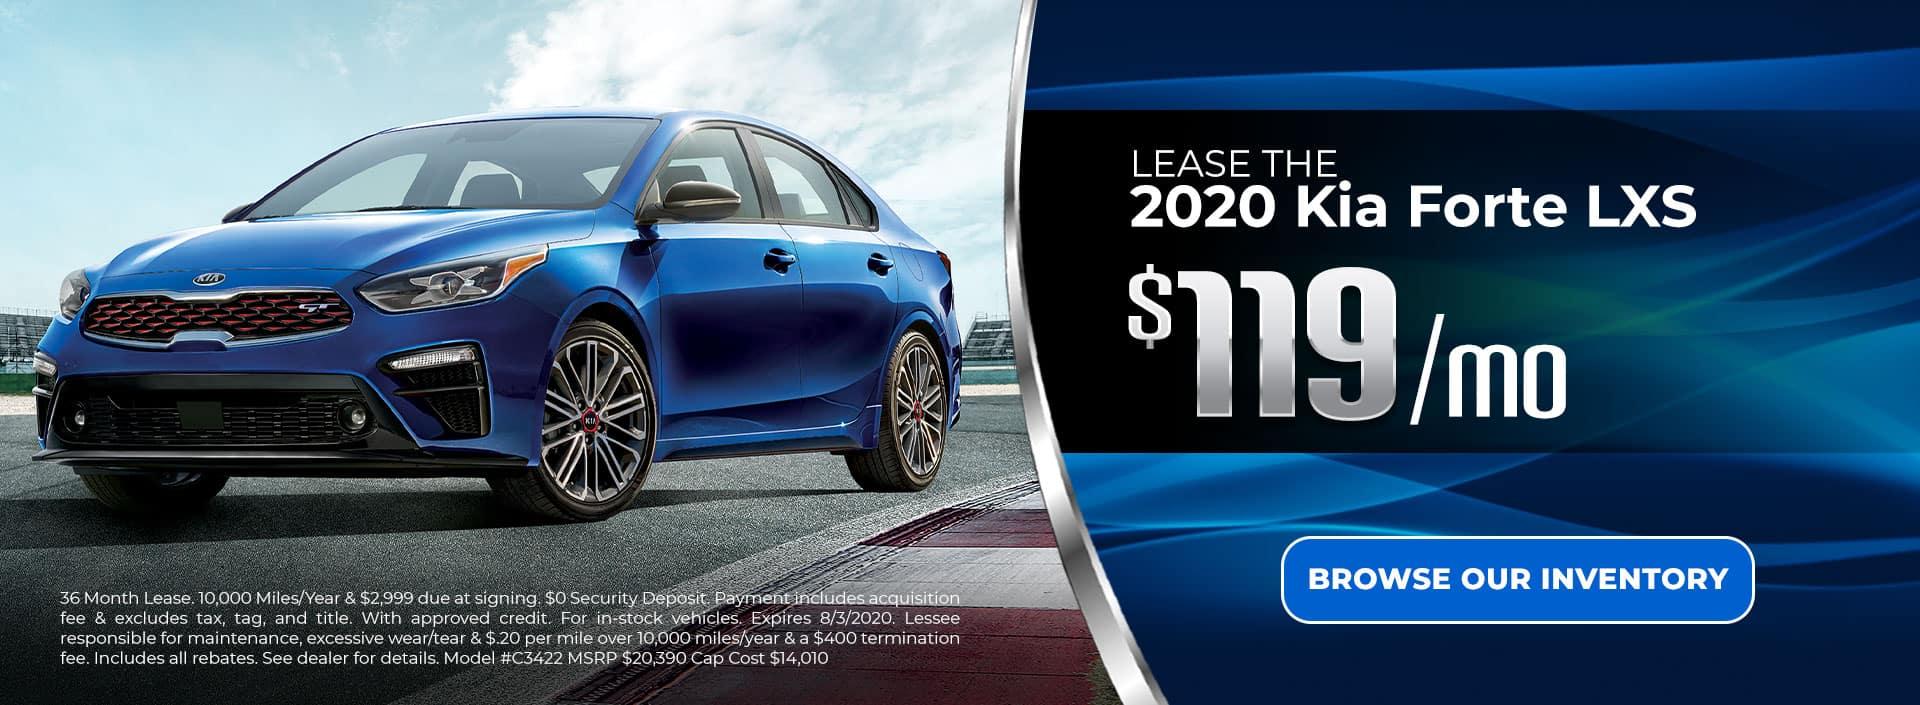 Lease 2020 Kia Forte for $119/mo